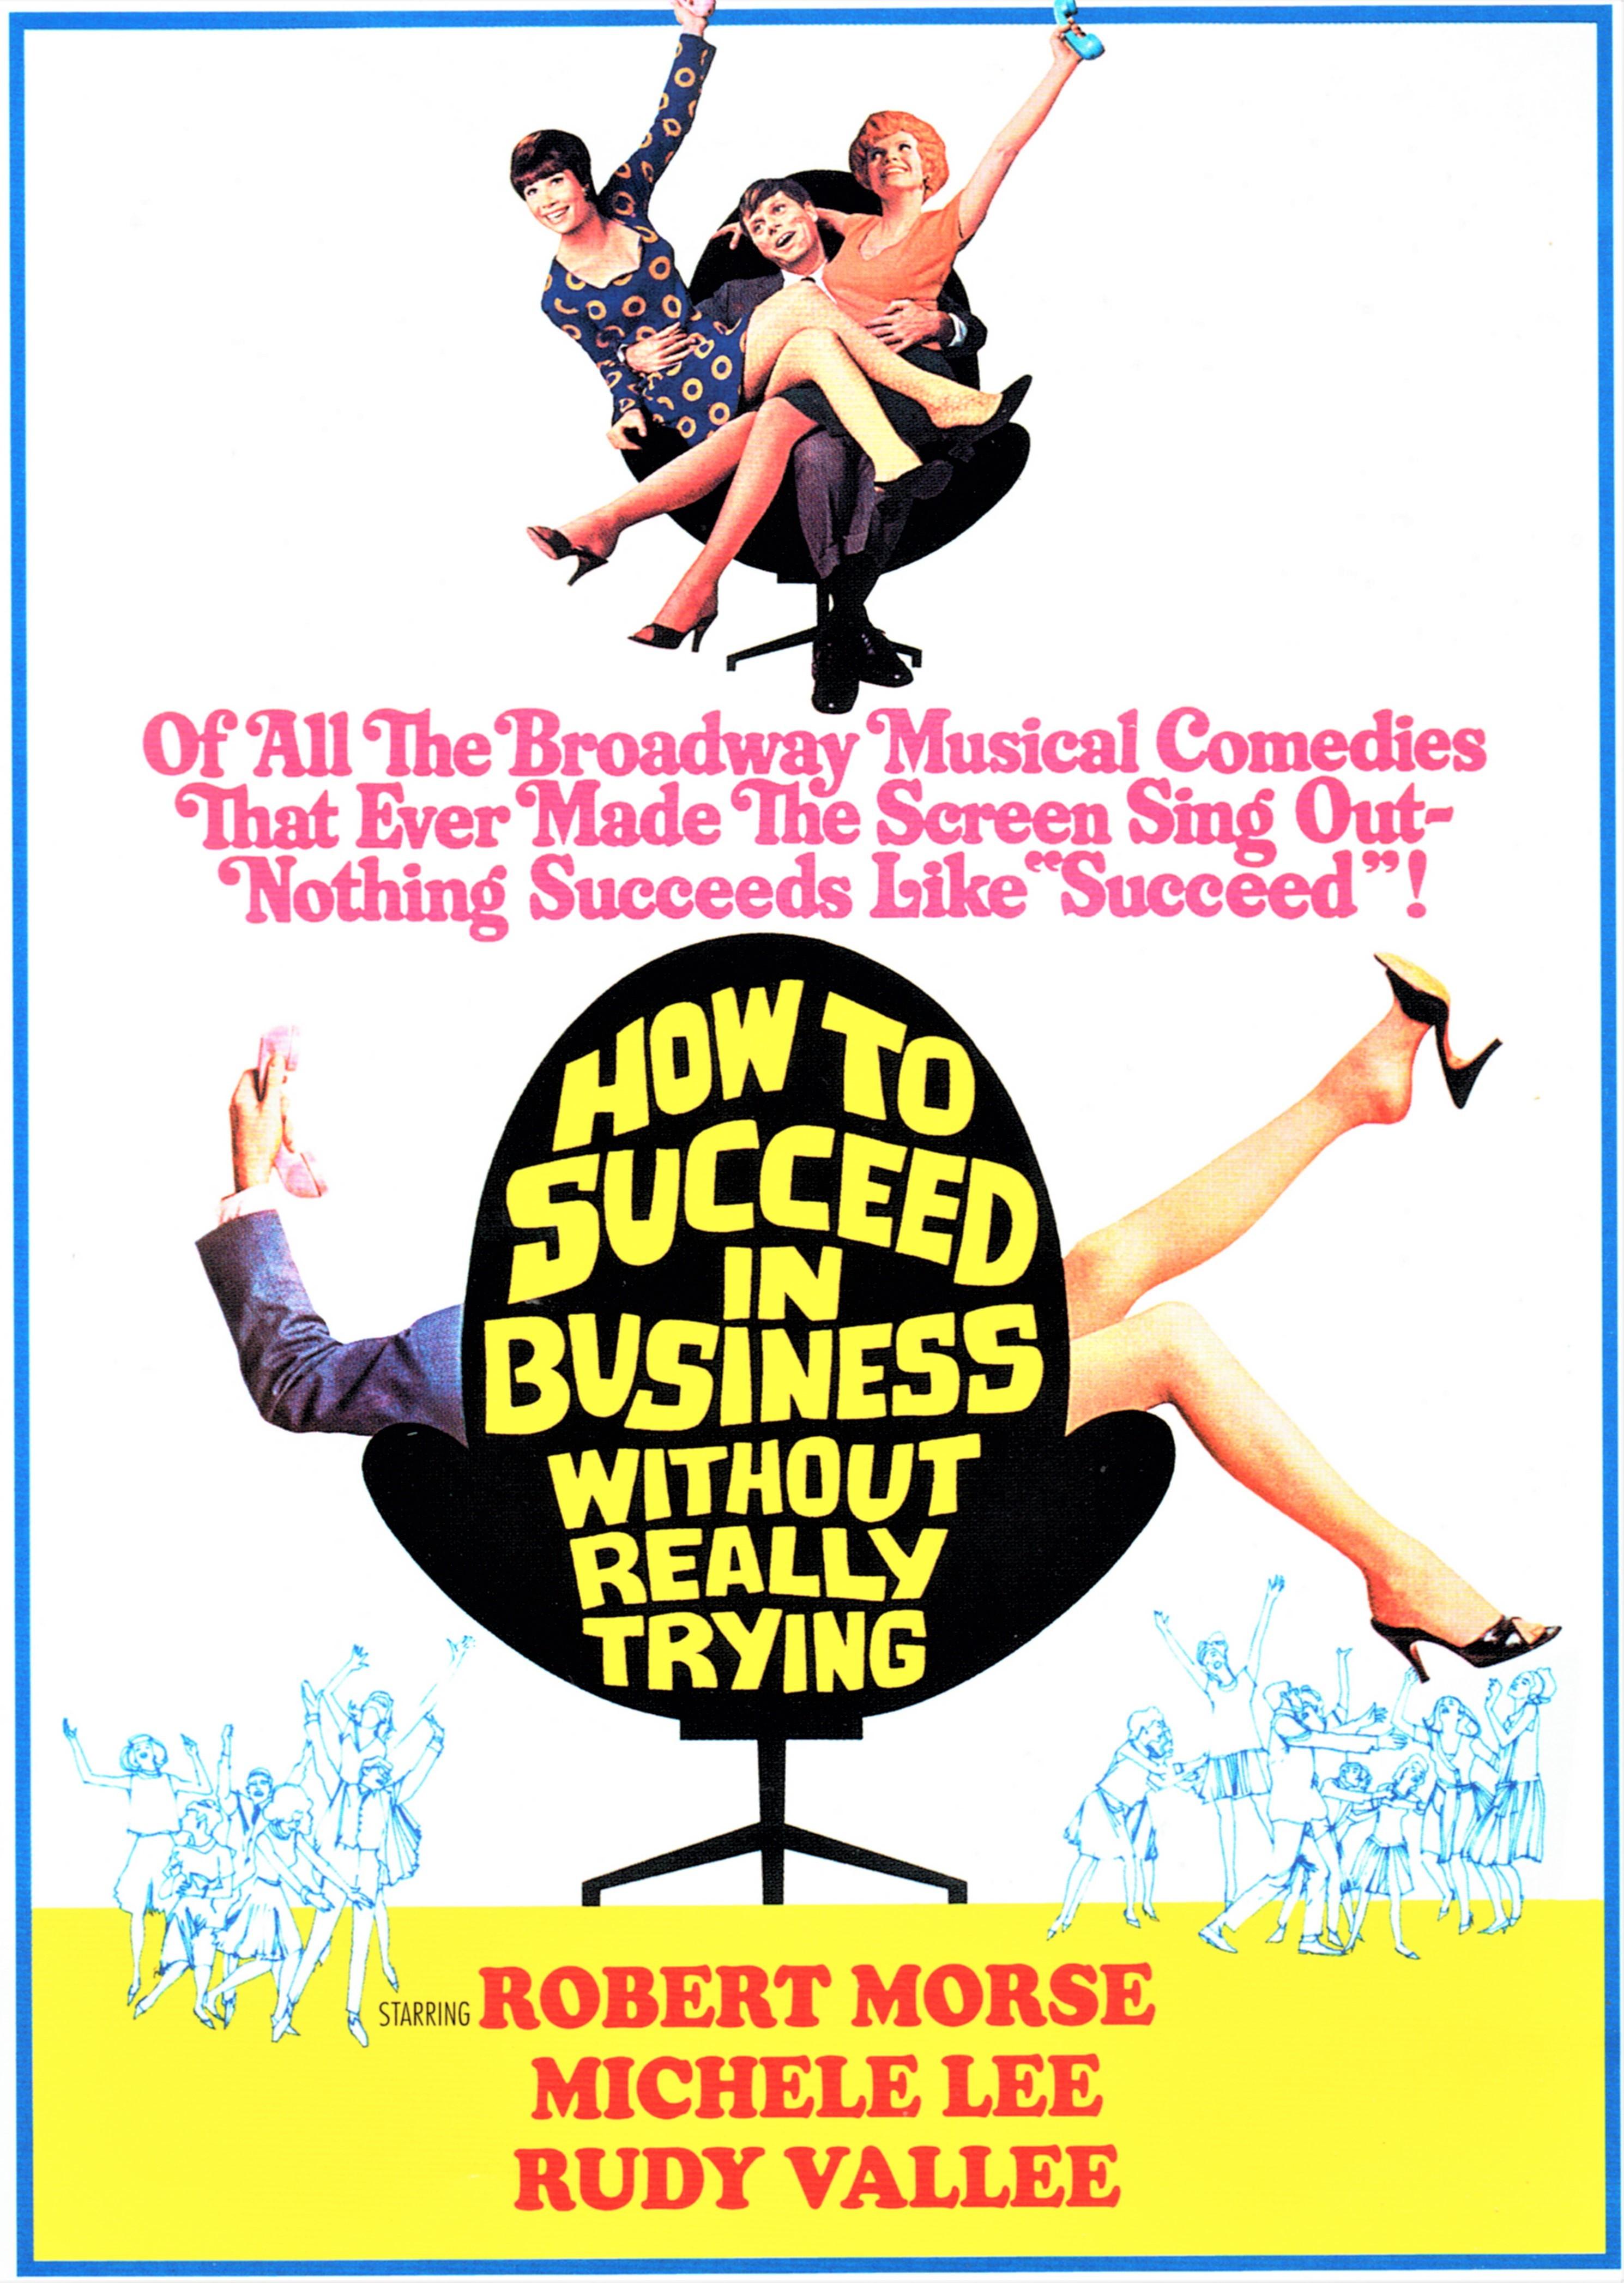 映画版DVD(輸入盤)。モースとヴァリーは、舞台での好評を受け引き続き出演している。